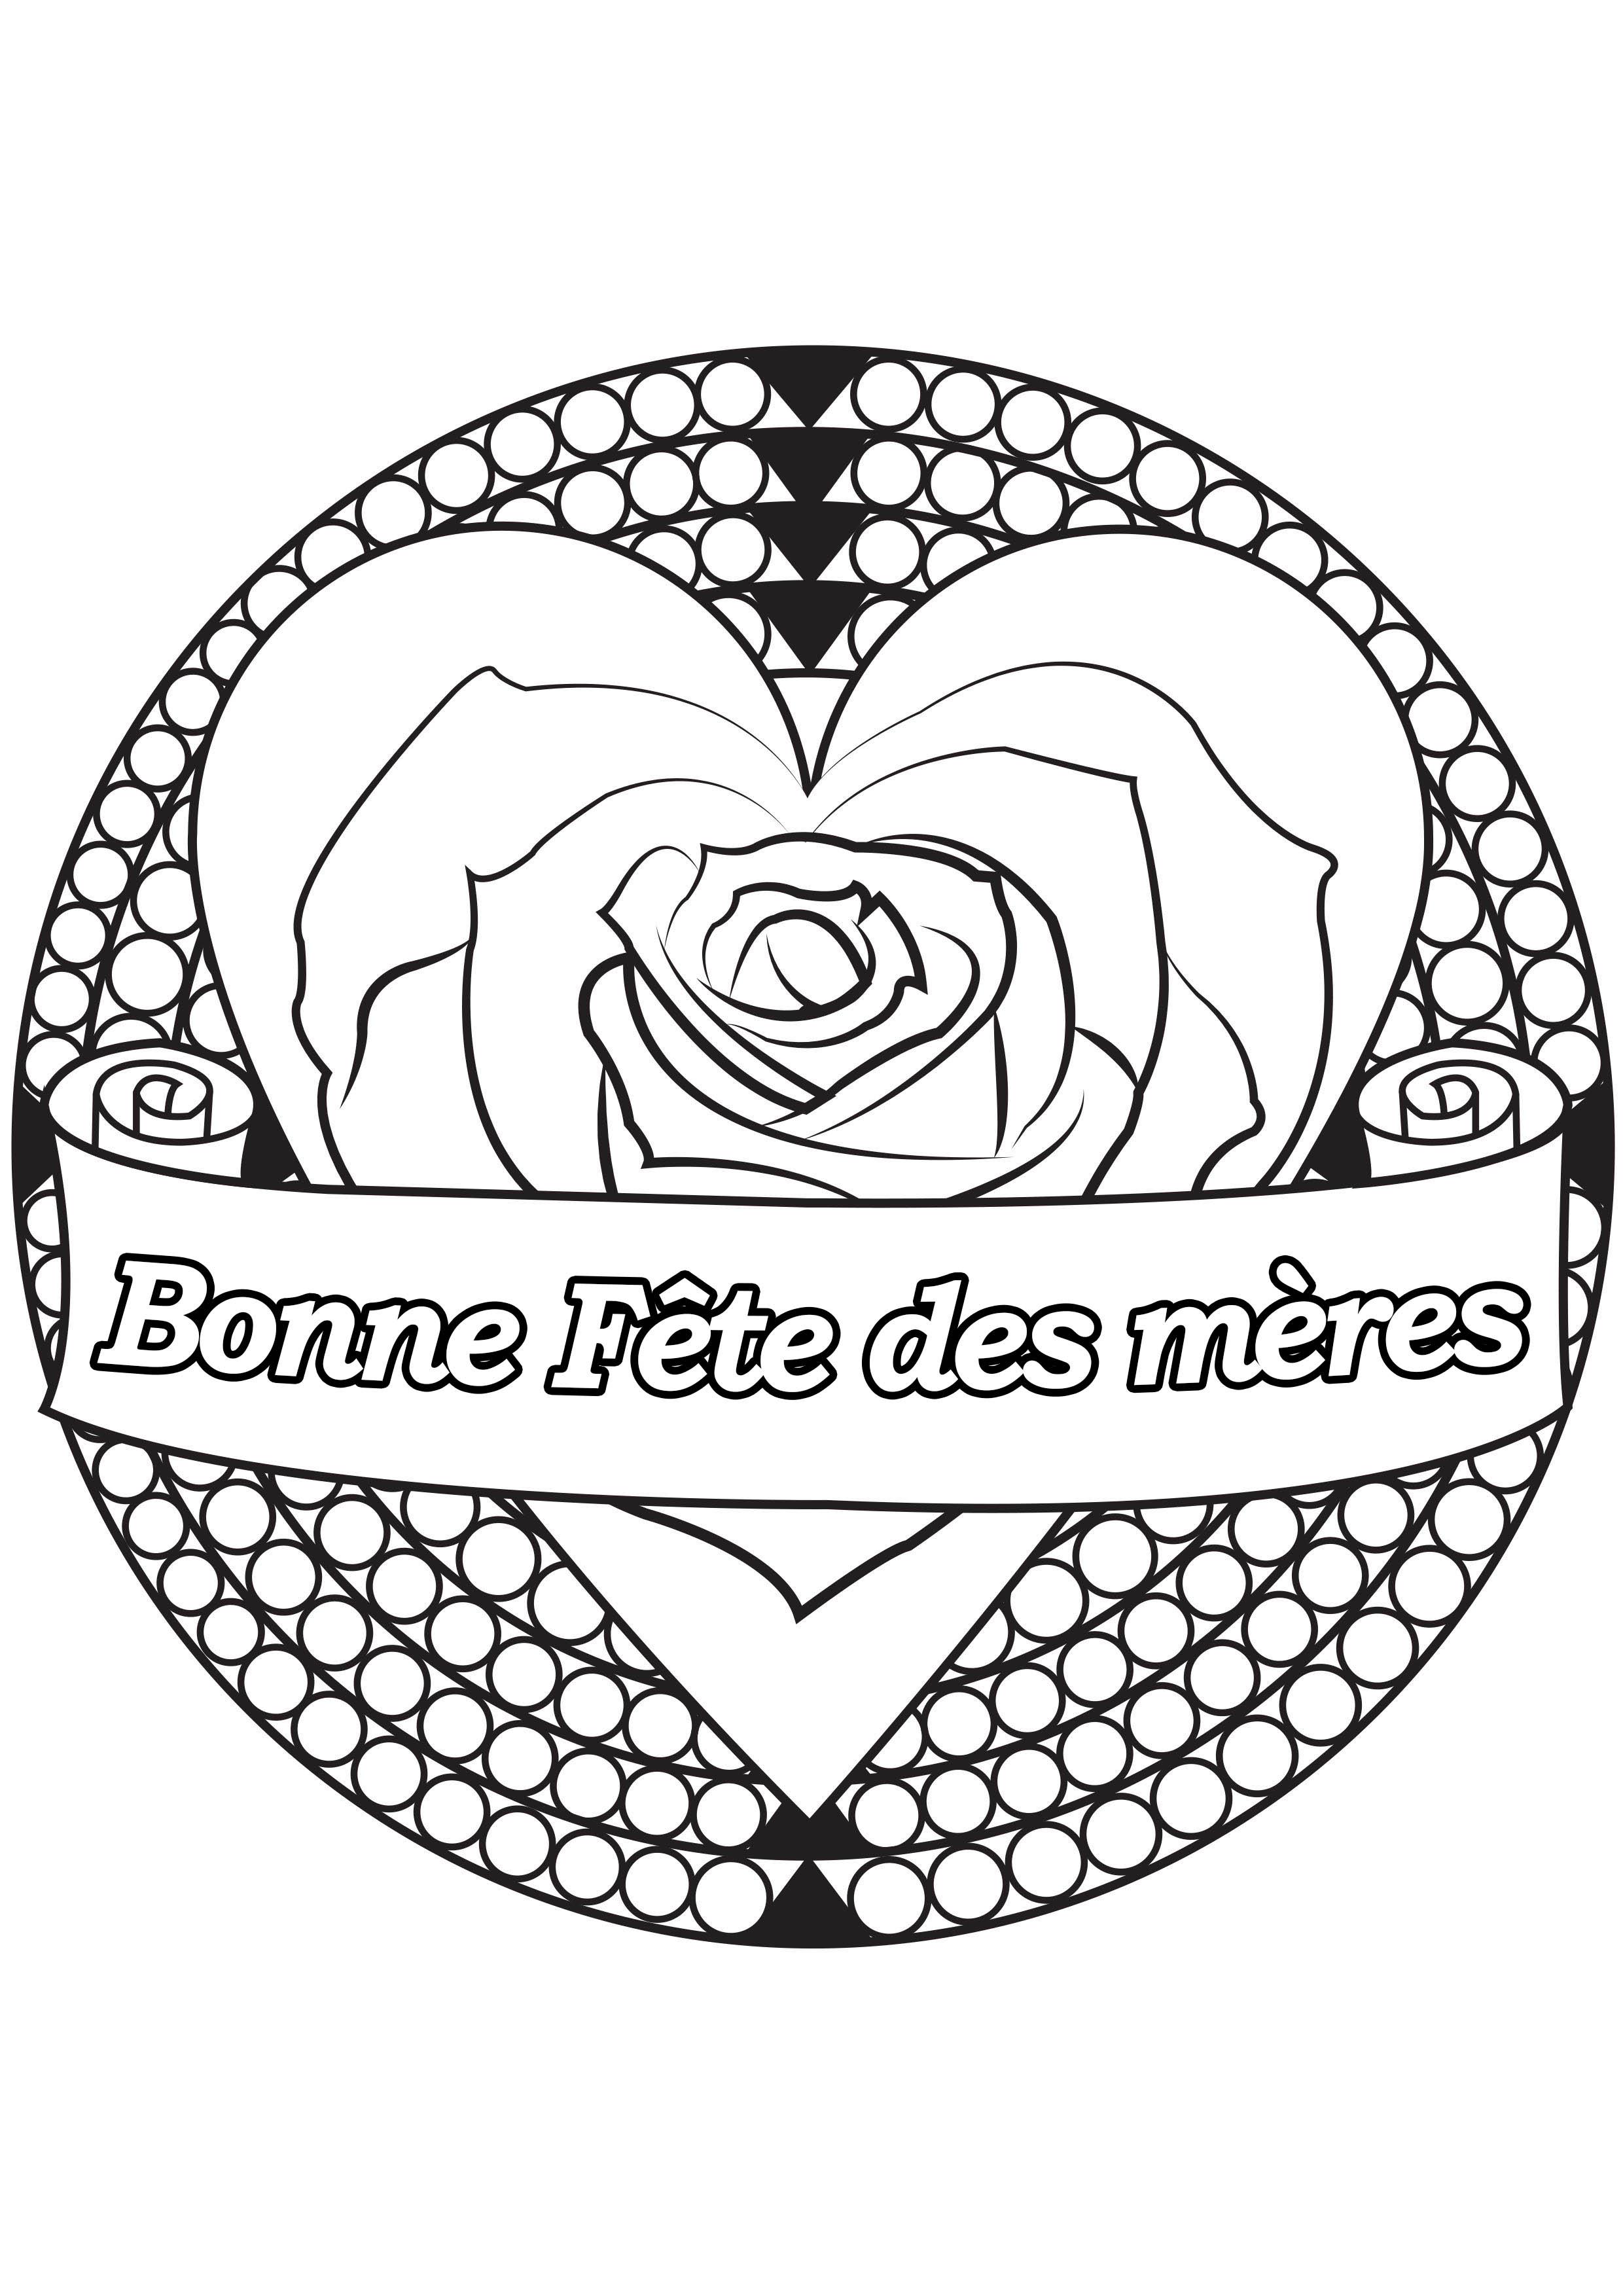 Coloriage spécial Fête des mères : Coeur & rose - 2